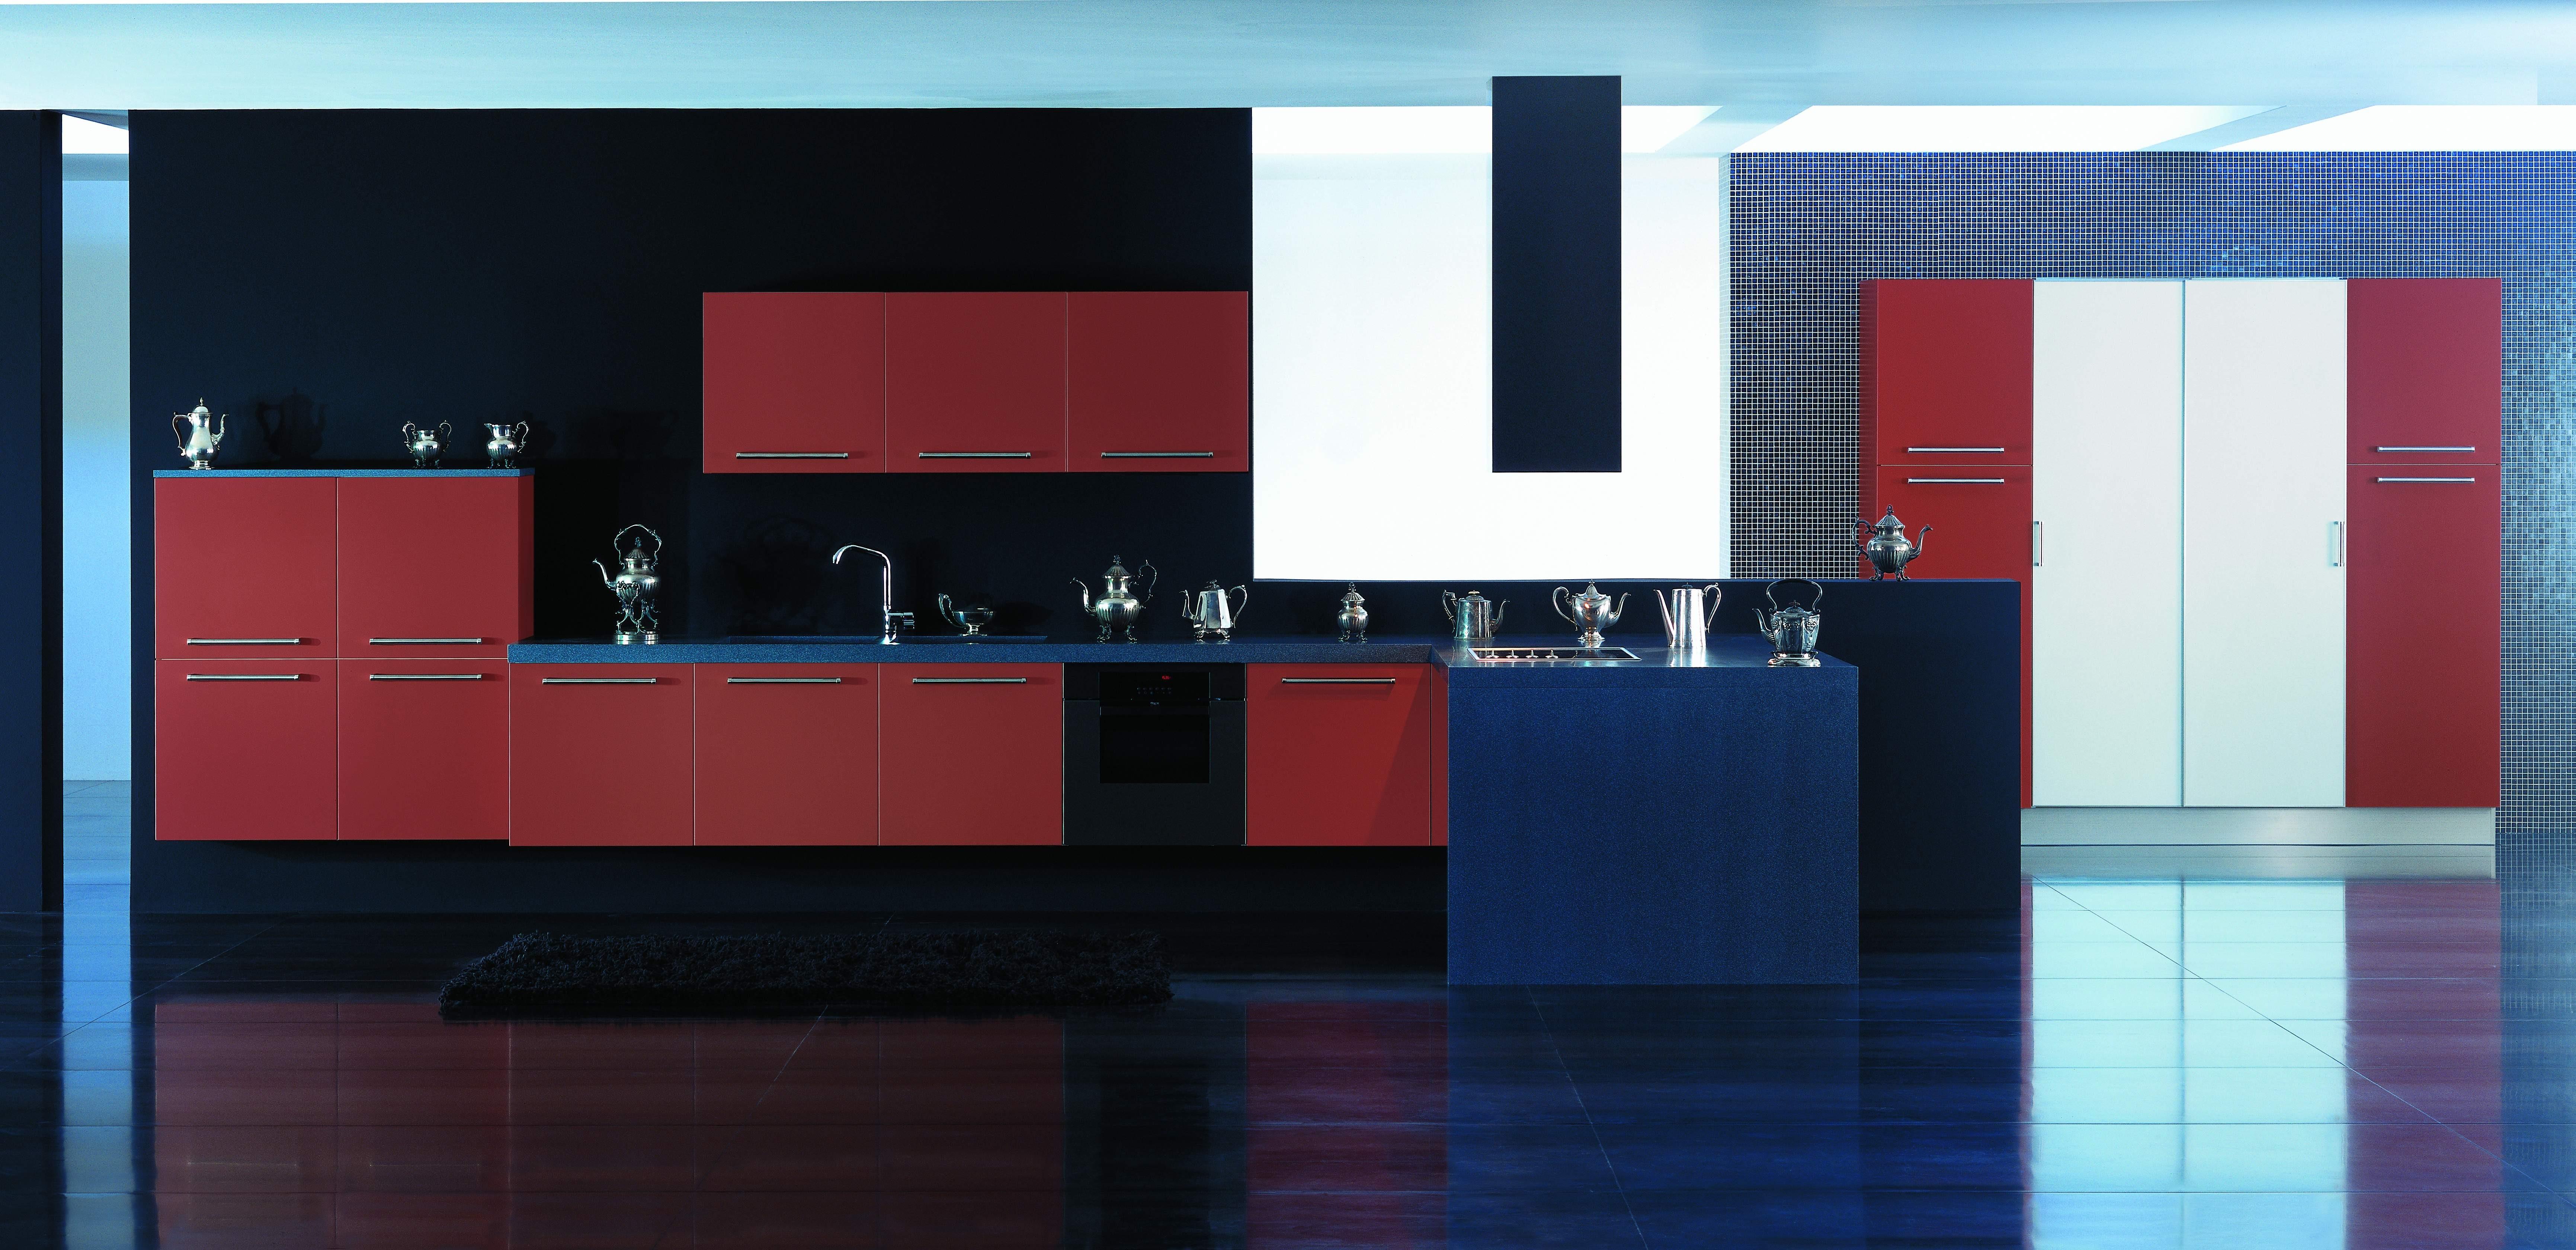 Fond D Cran Chambre Mur Cuisine Design D Int Rieur Couleur  # Meuble A Ecran Plat Dans Une Chambre